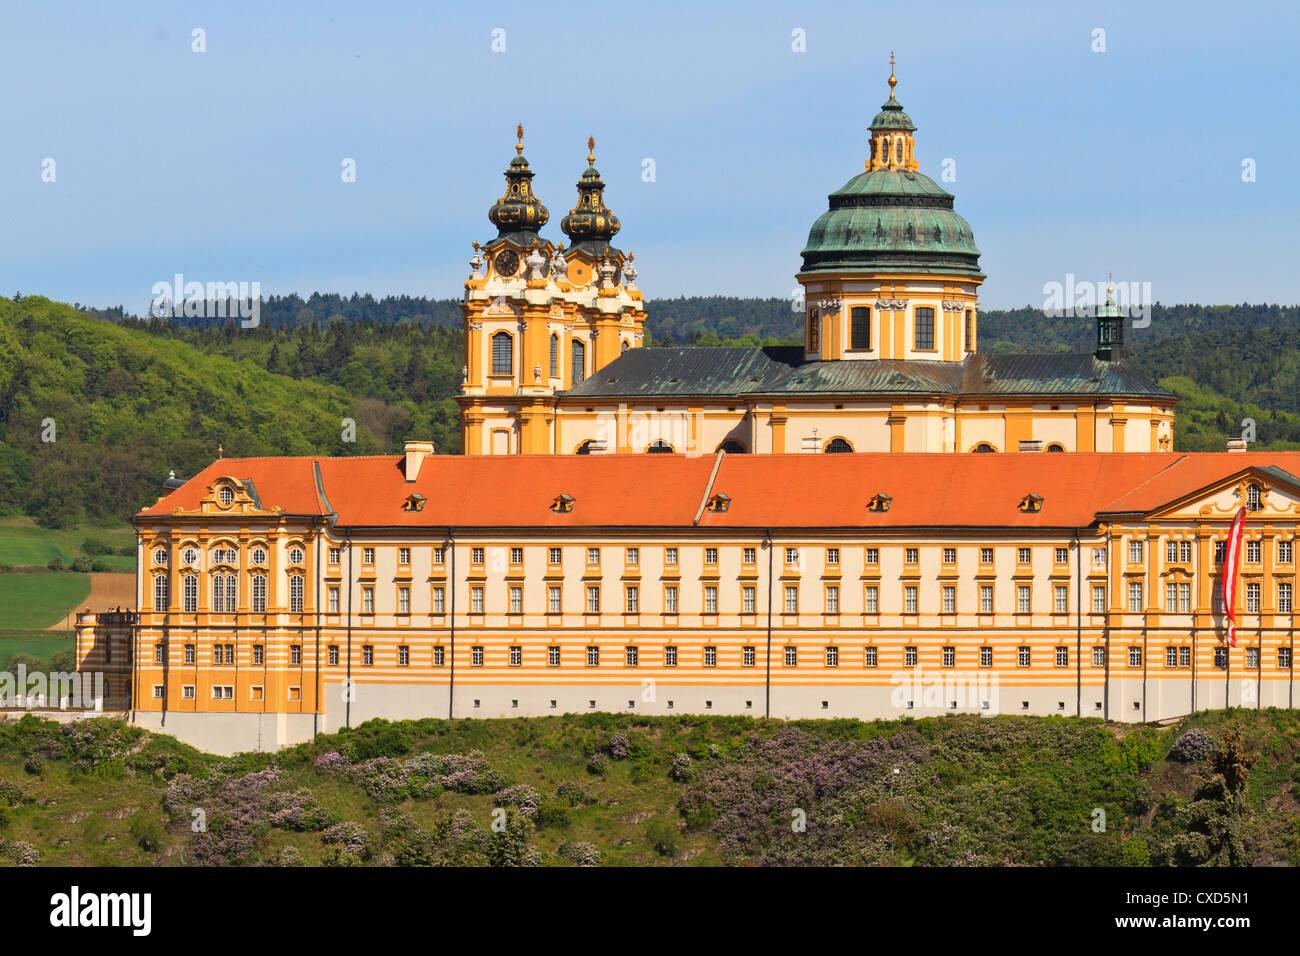 Abbaye de Melk est une abbaye bénédictine au monde et l'un des plus fameux sites monastiques Photo Stock